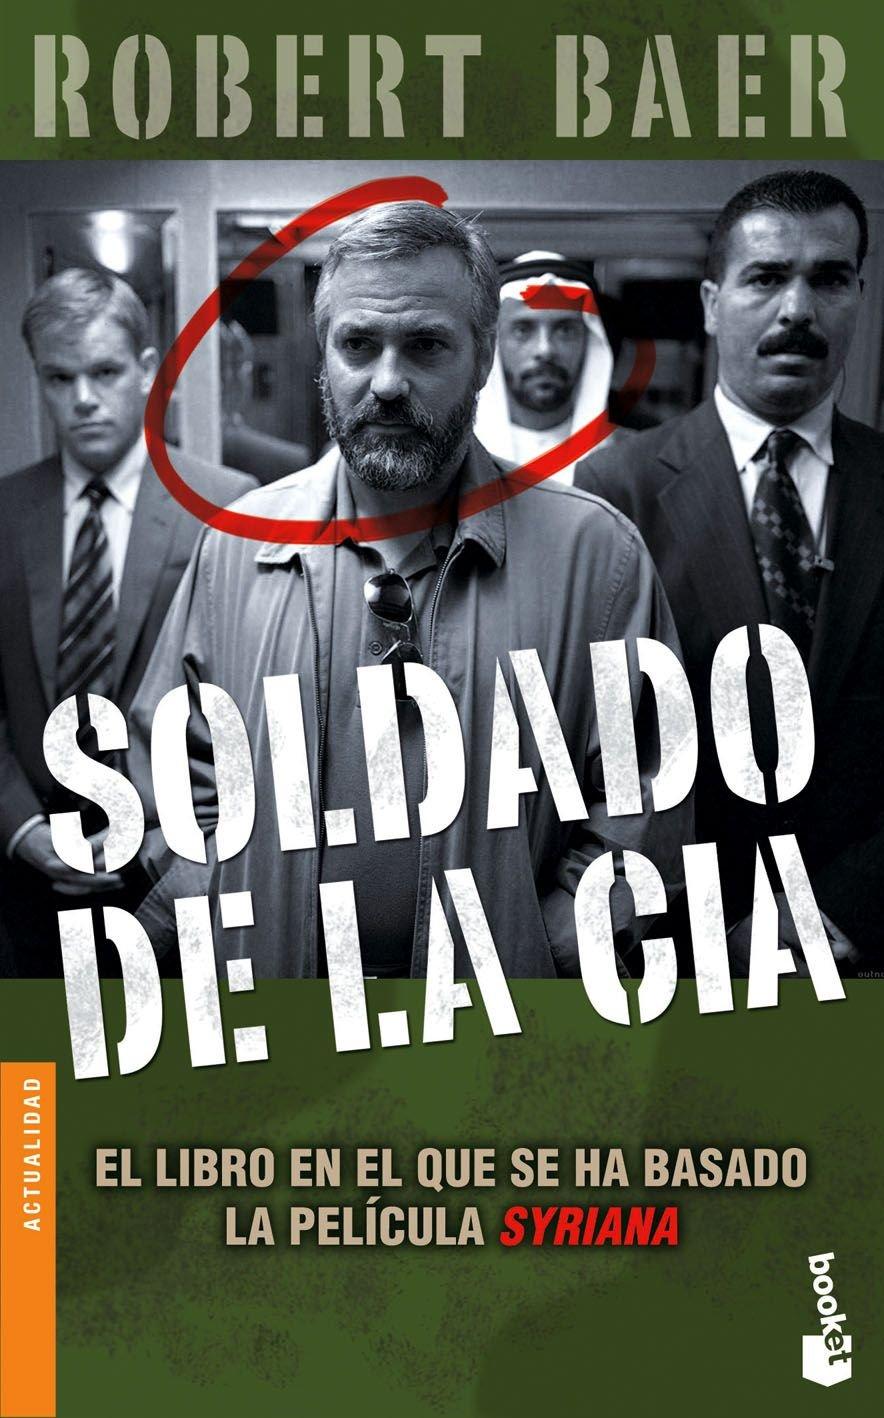 Soldado de la CIA (Divulgación): Amazon.es: Baer, Robert: Libros